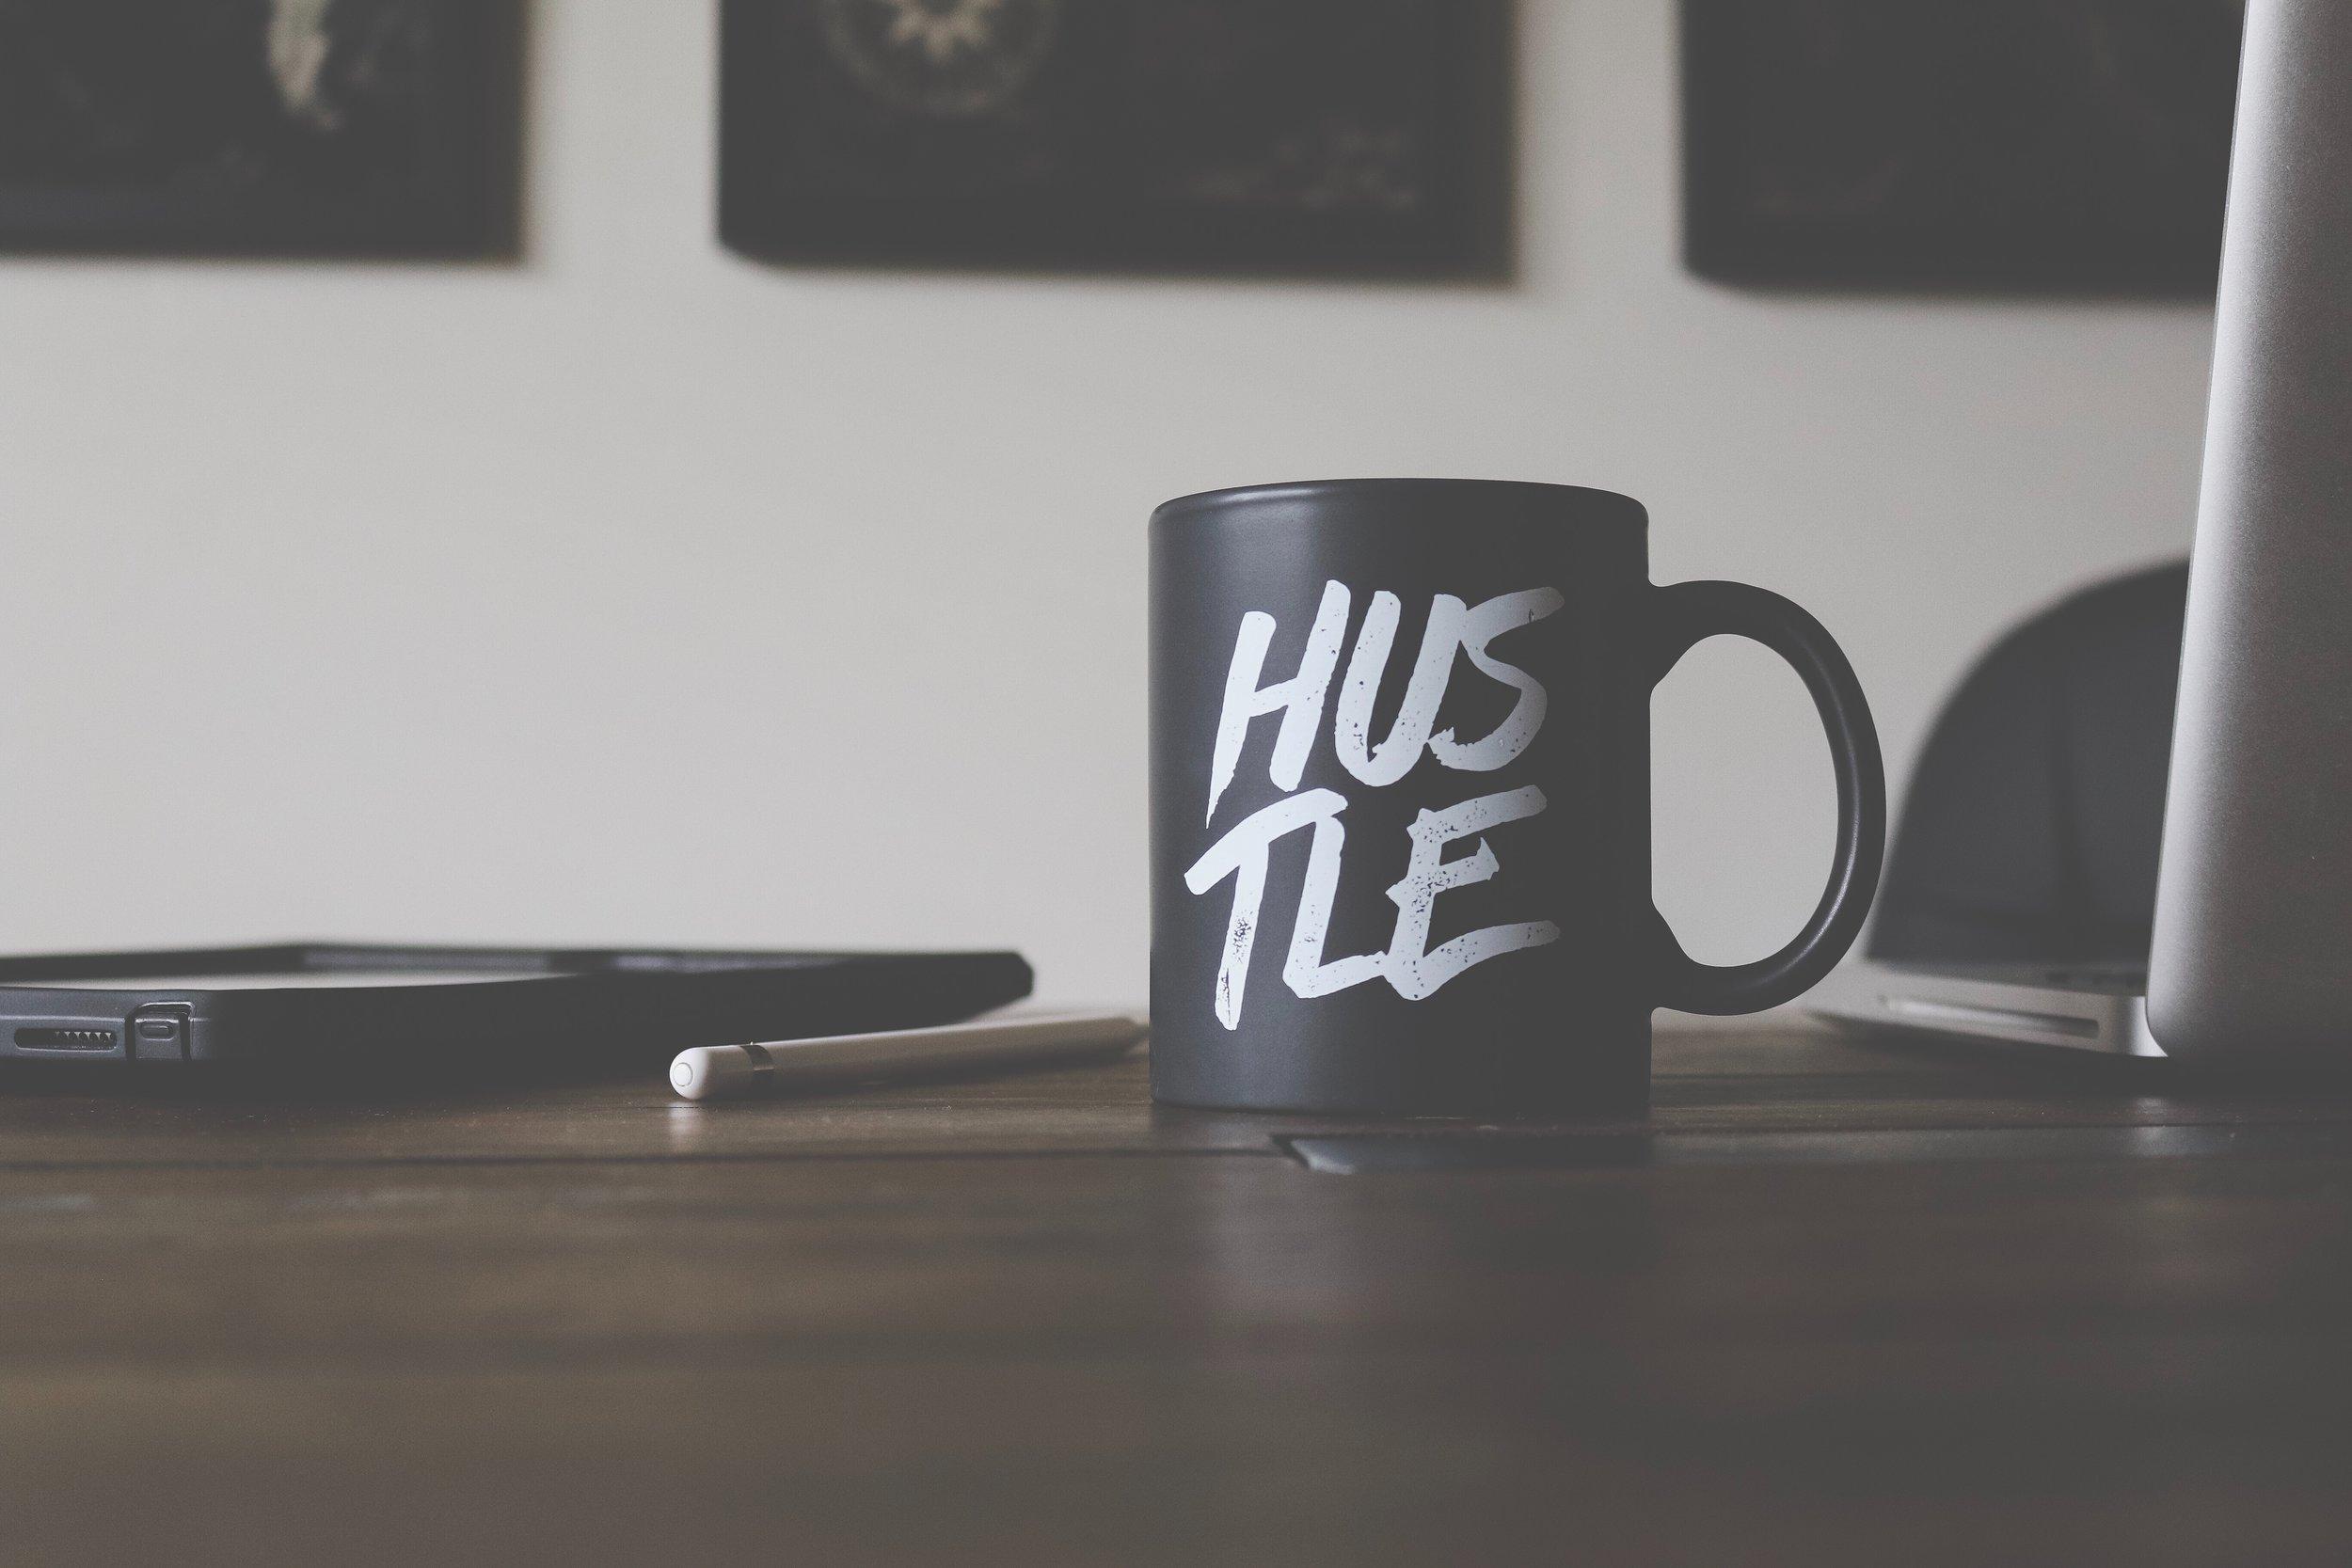 Are you a hustler? -